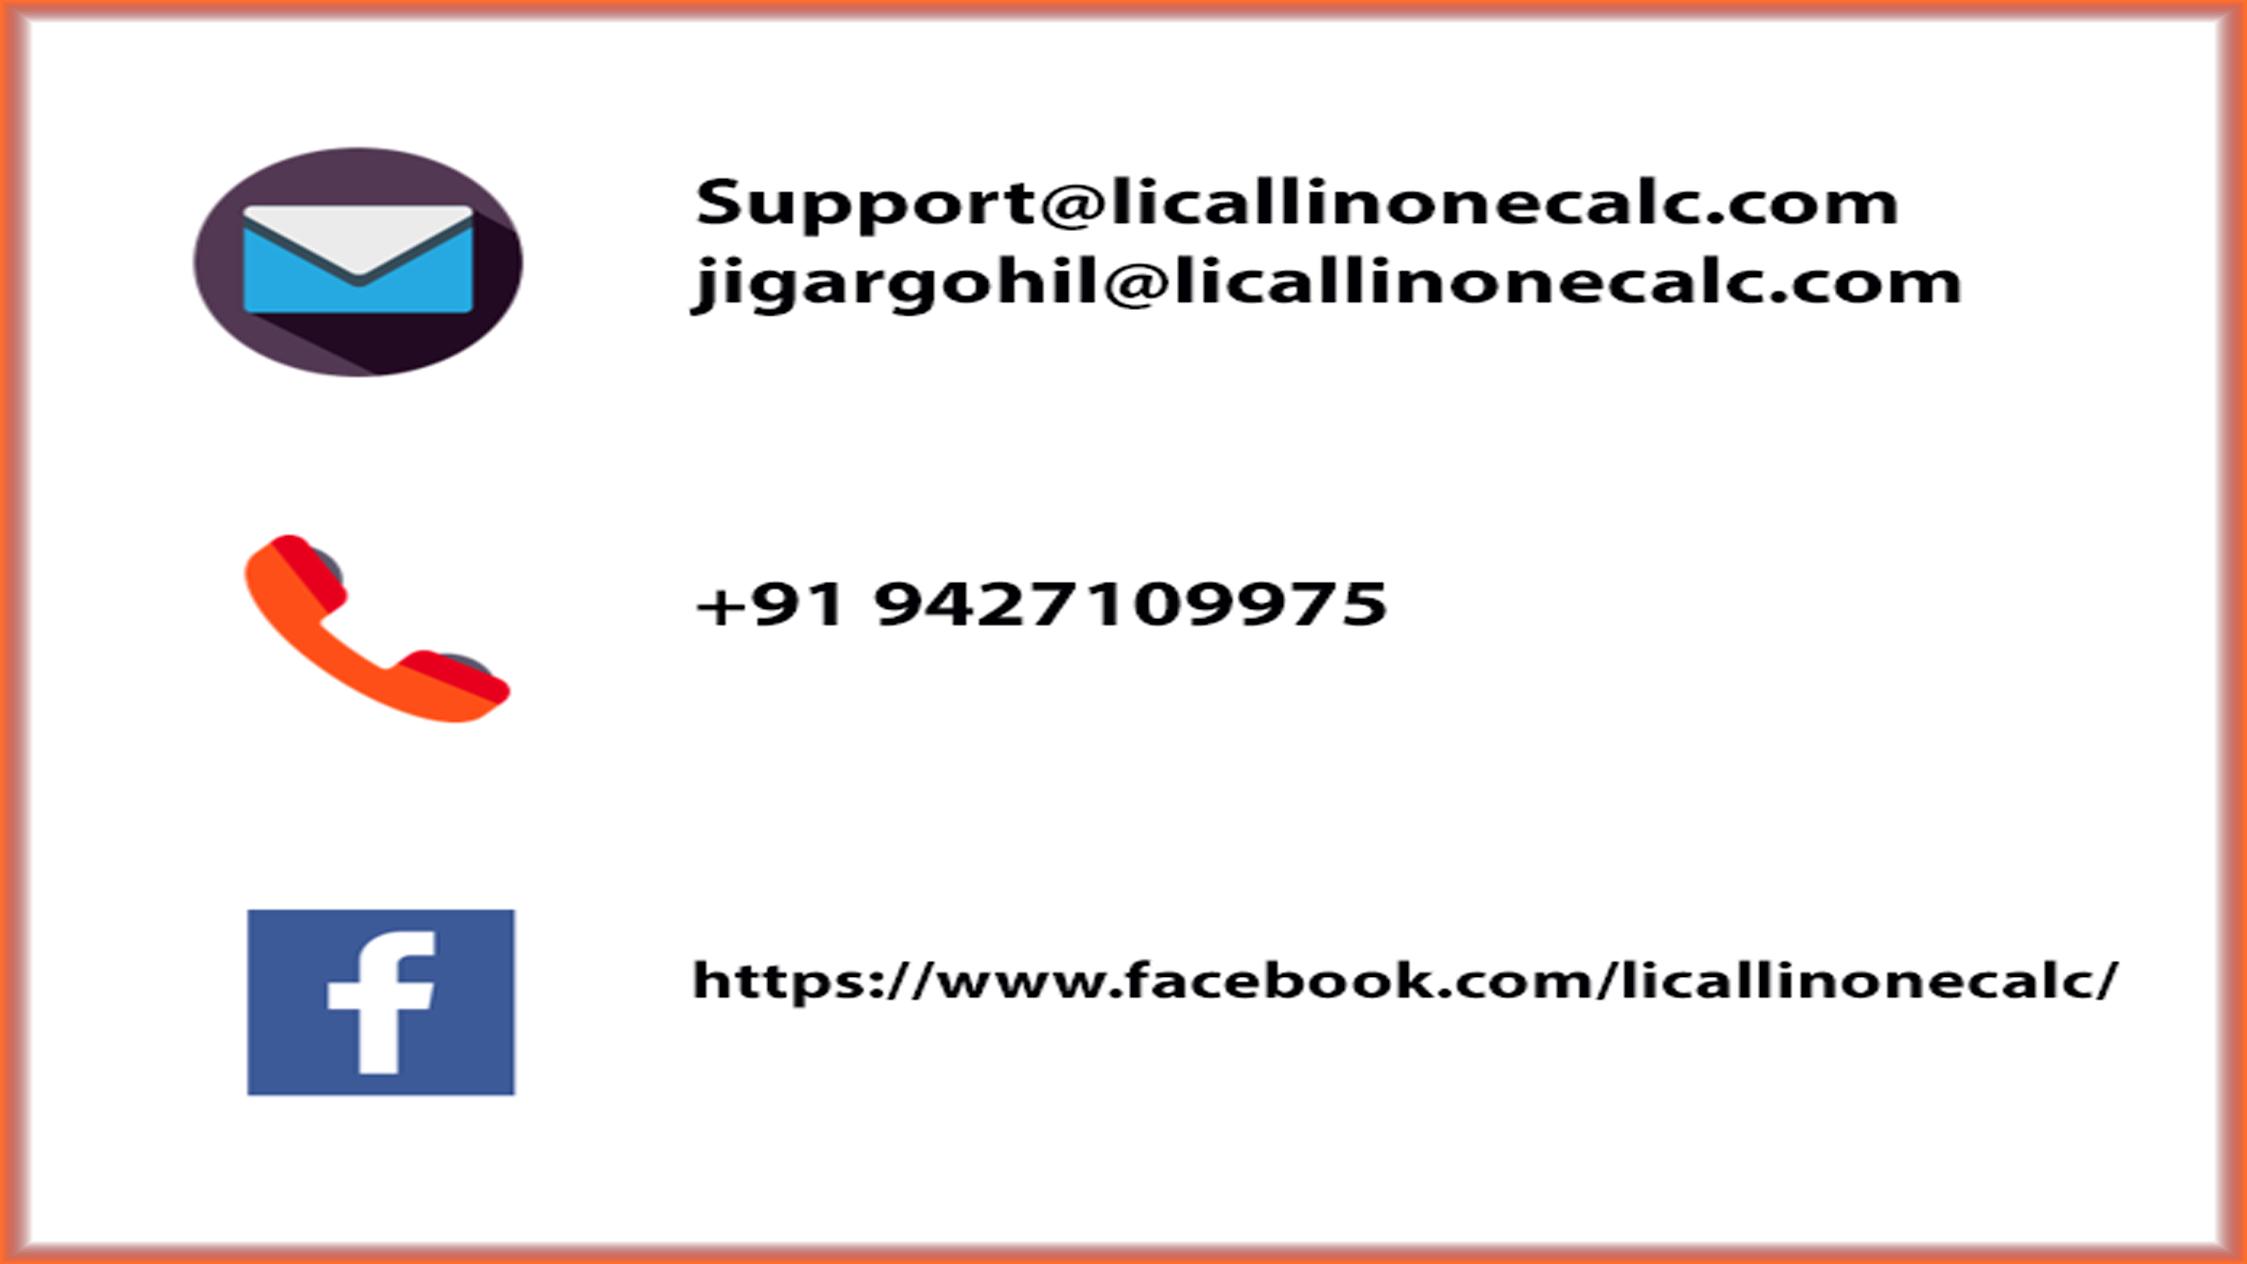 Jigar Gohil